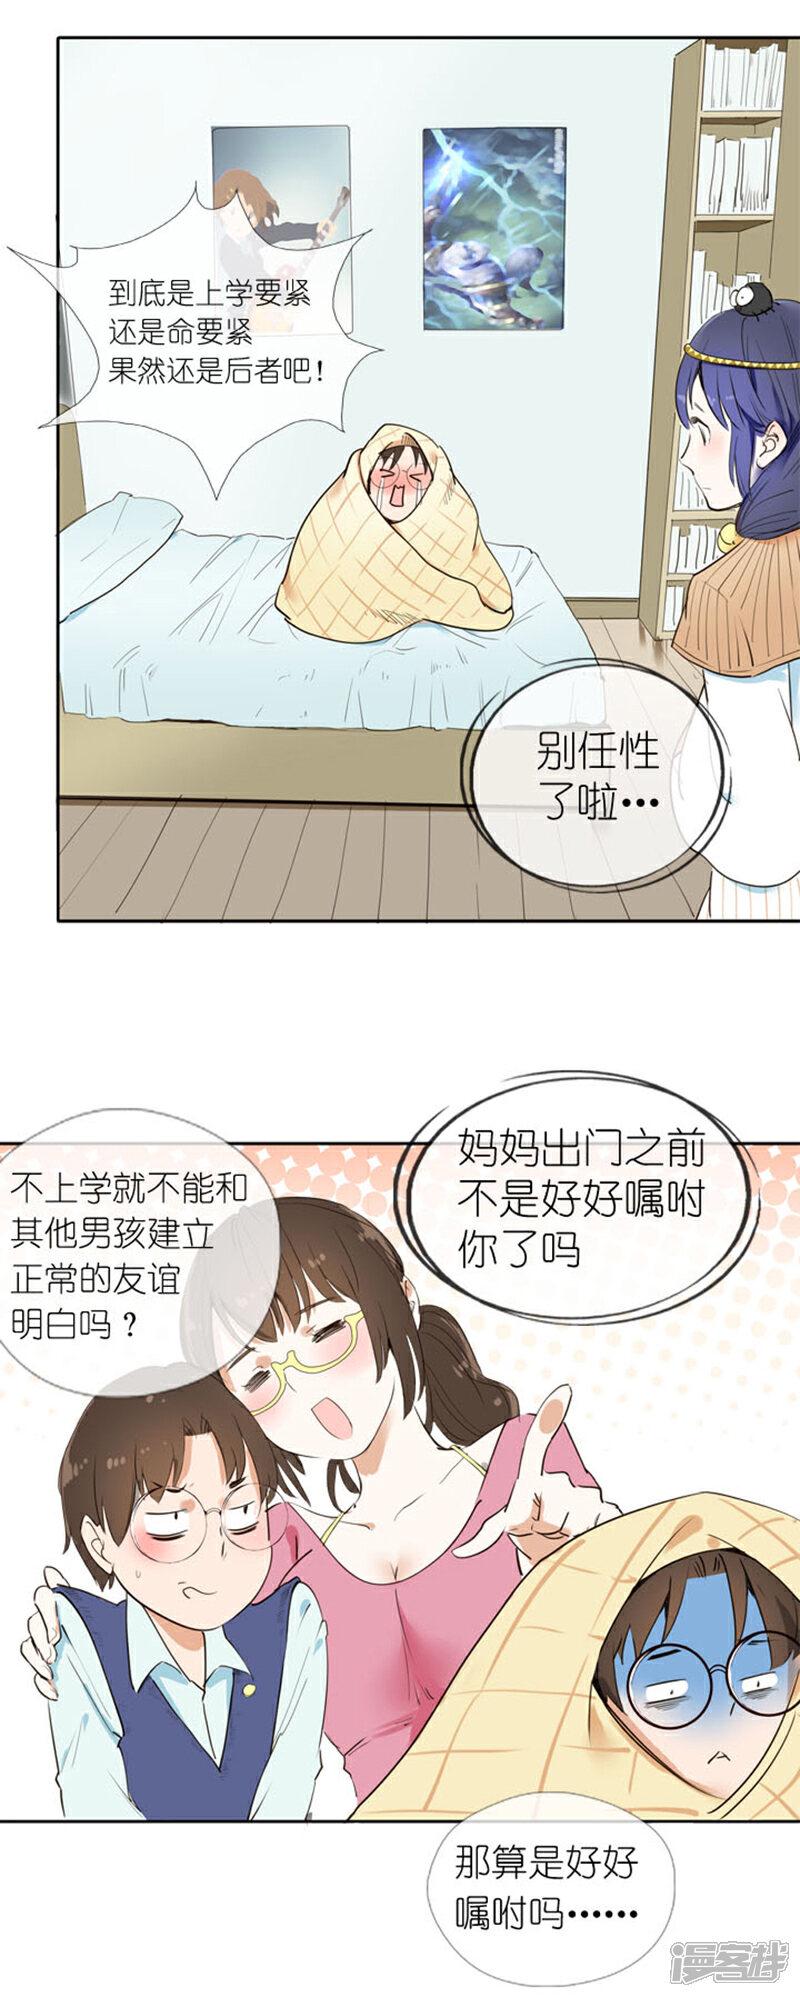 客栈帮帮忙祖先第9话-漫漫画a客栈漫画图片图片